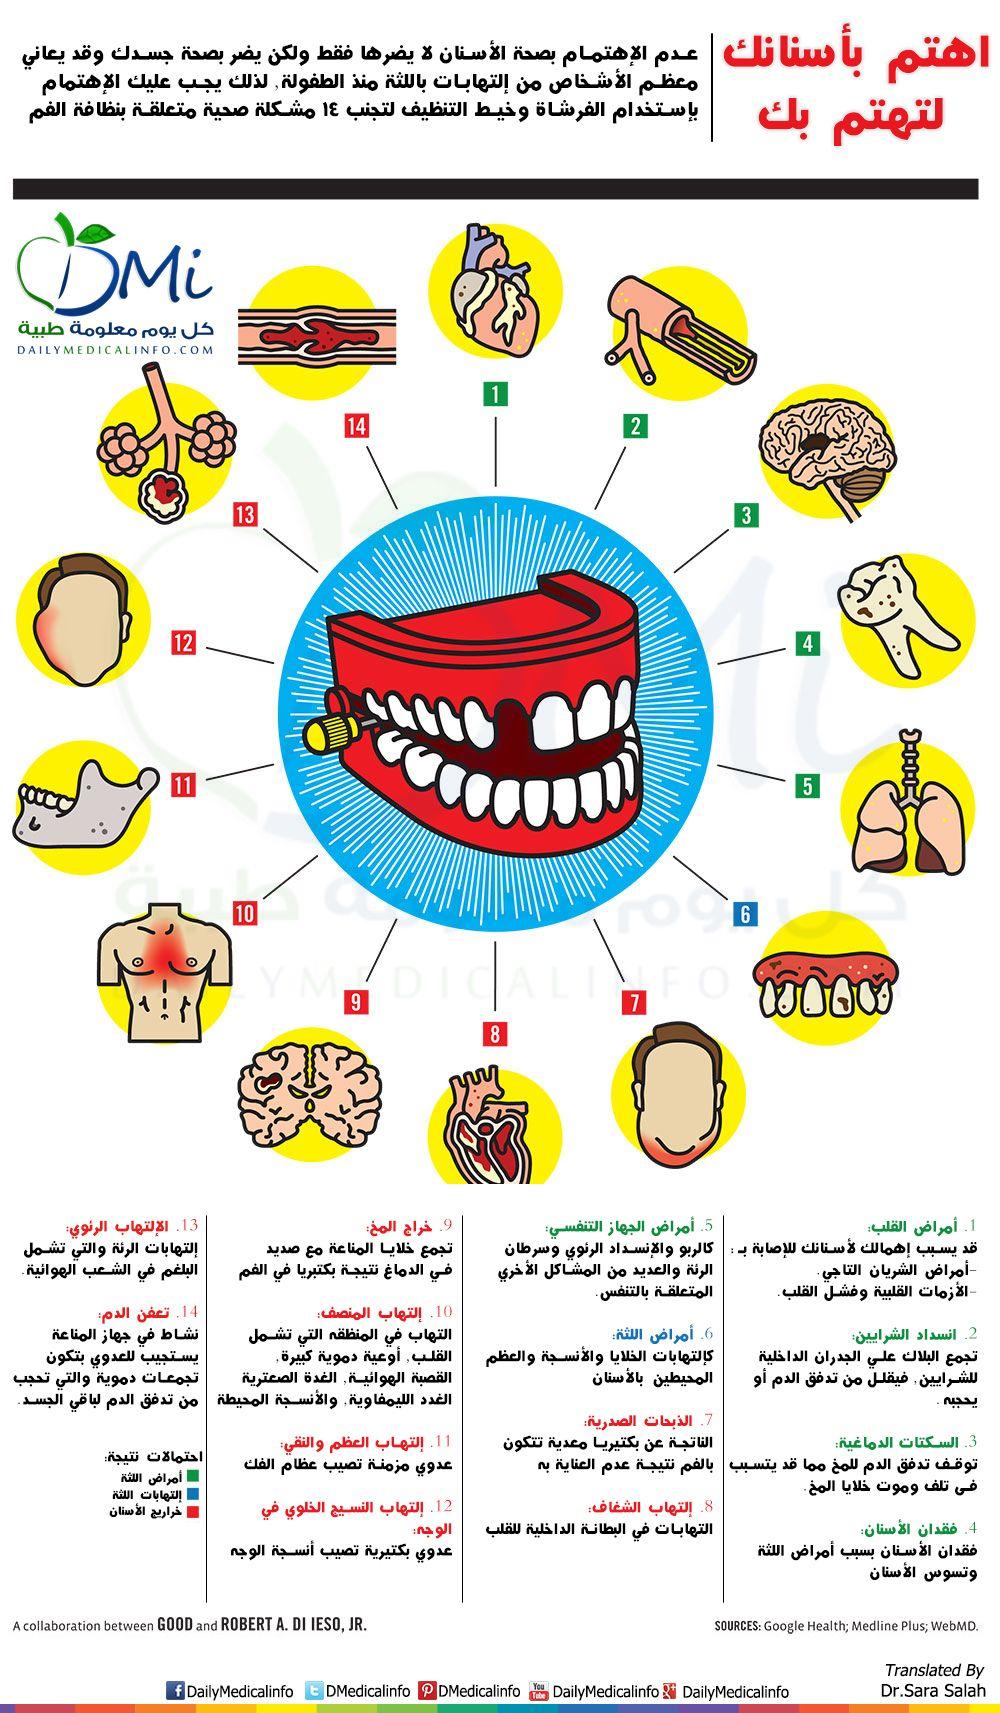 انفوجرافيك اهتم بأسنانك لتهتم بك انفوجرافيك طبية كل يوم معلومة طبية Infographic Health Dental Hygiene Dental Facts